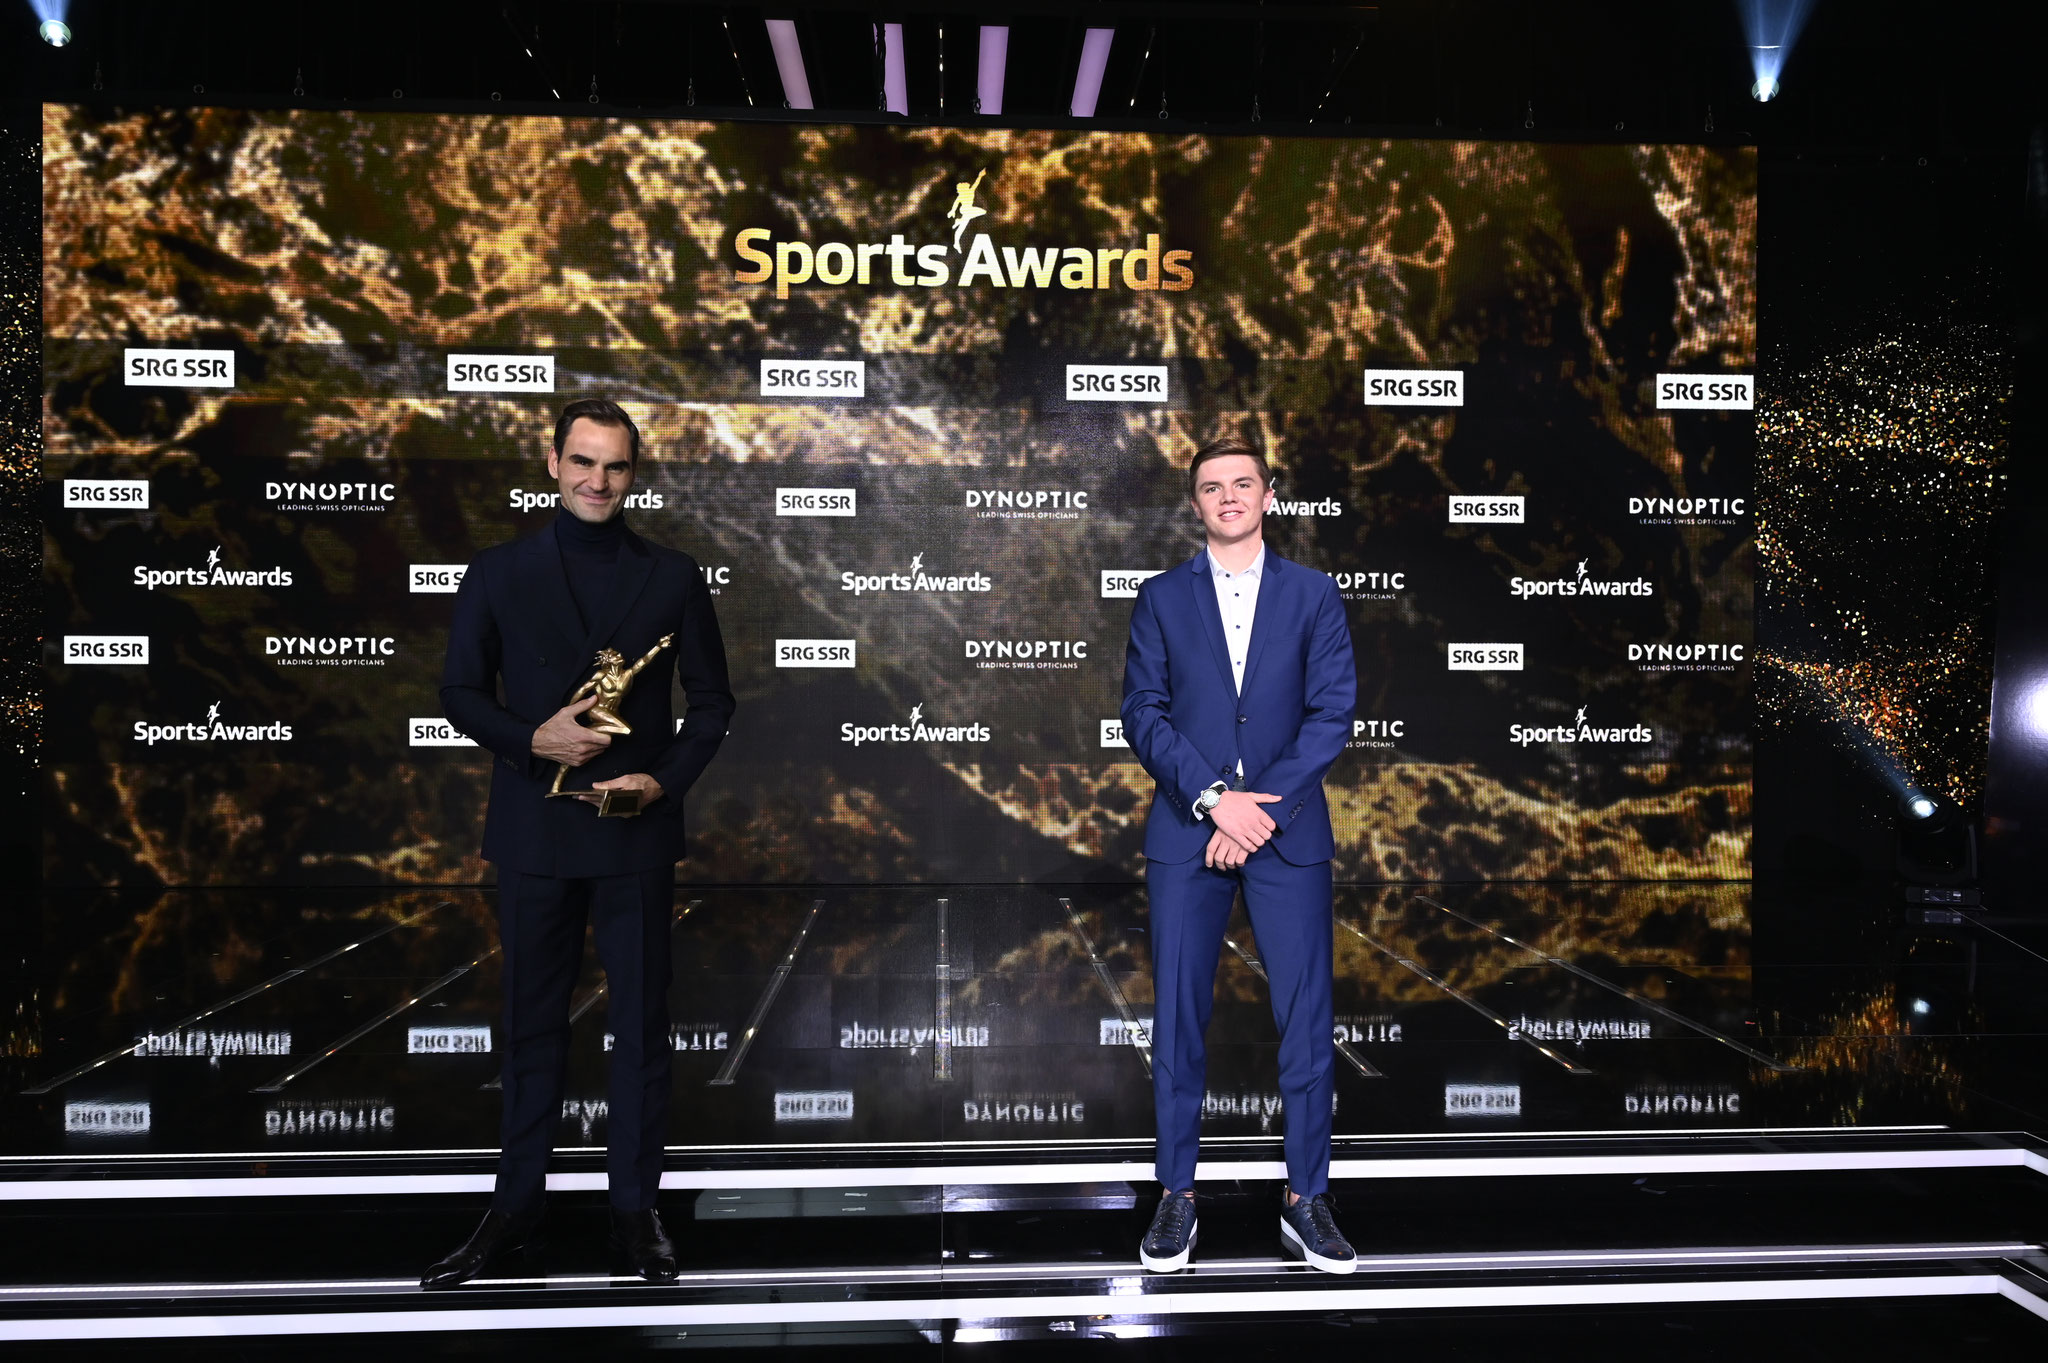 Neben Roger (Wahl zum besten Sportler der letzten 70 Jahre)